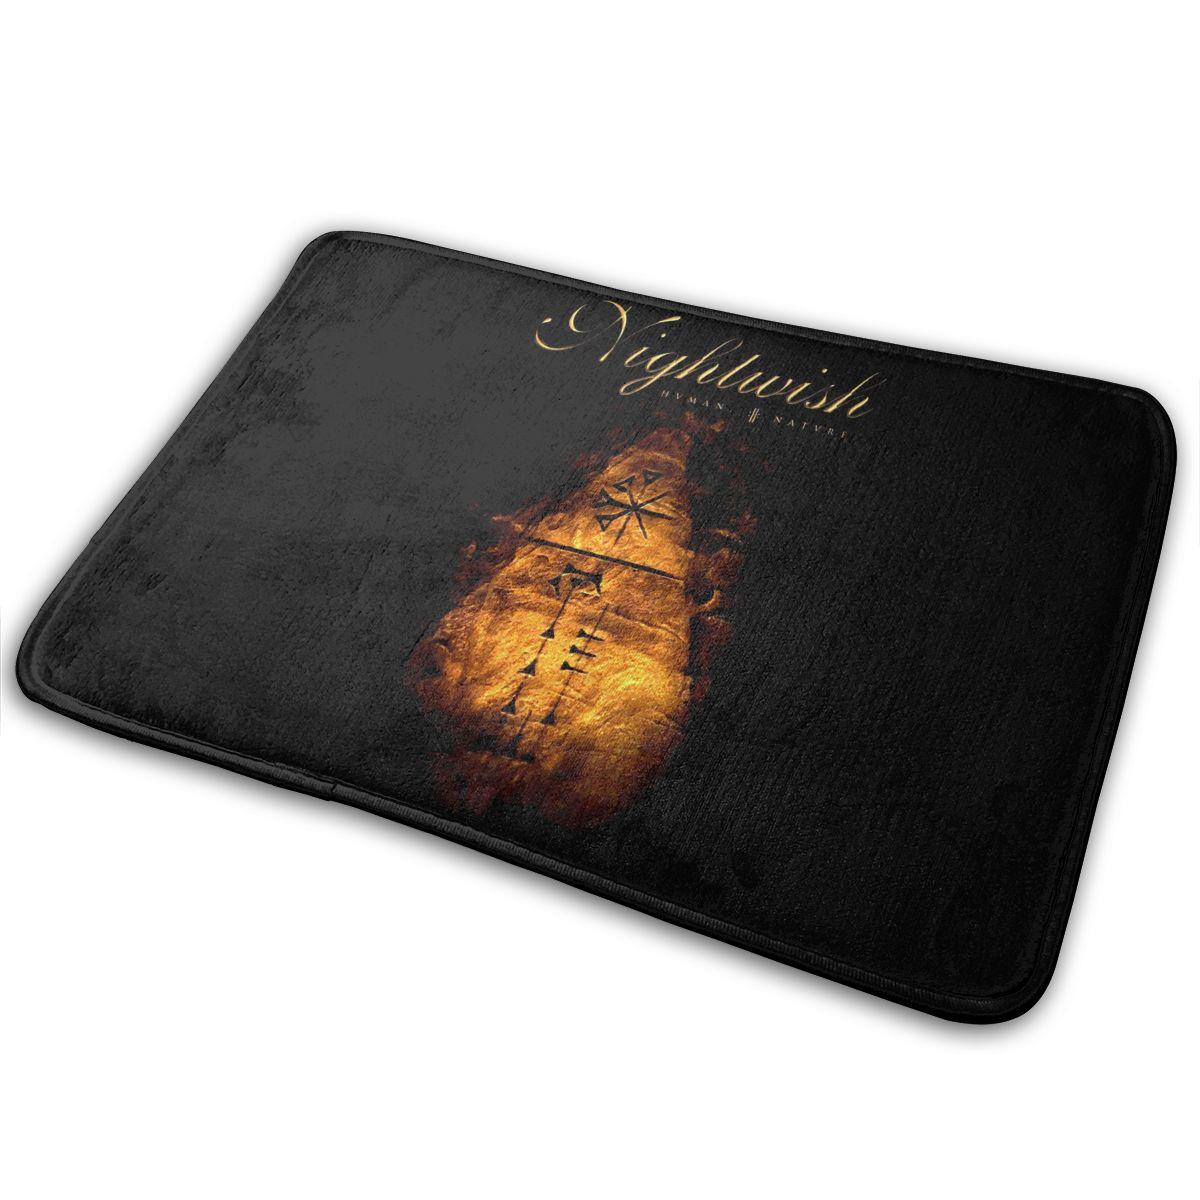 Официальный Лицензированный ночной человек Ii натуральный симфонический металлический трендовый цветной Женский Детский ковер